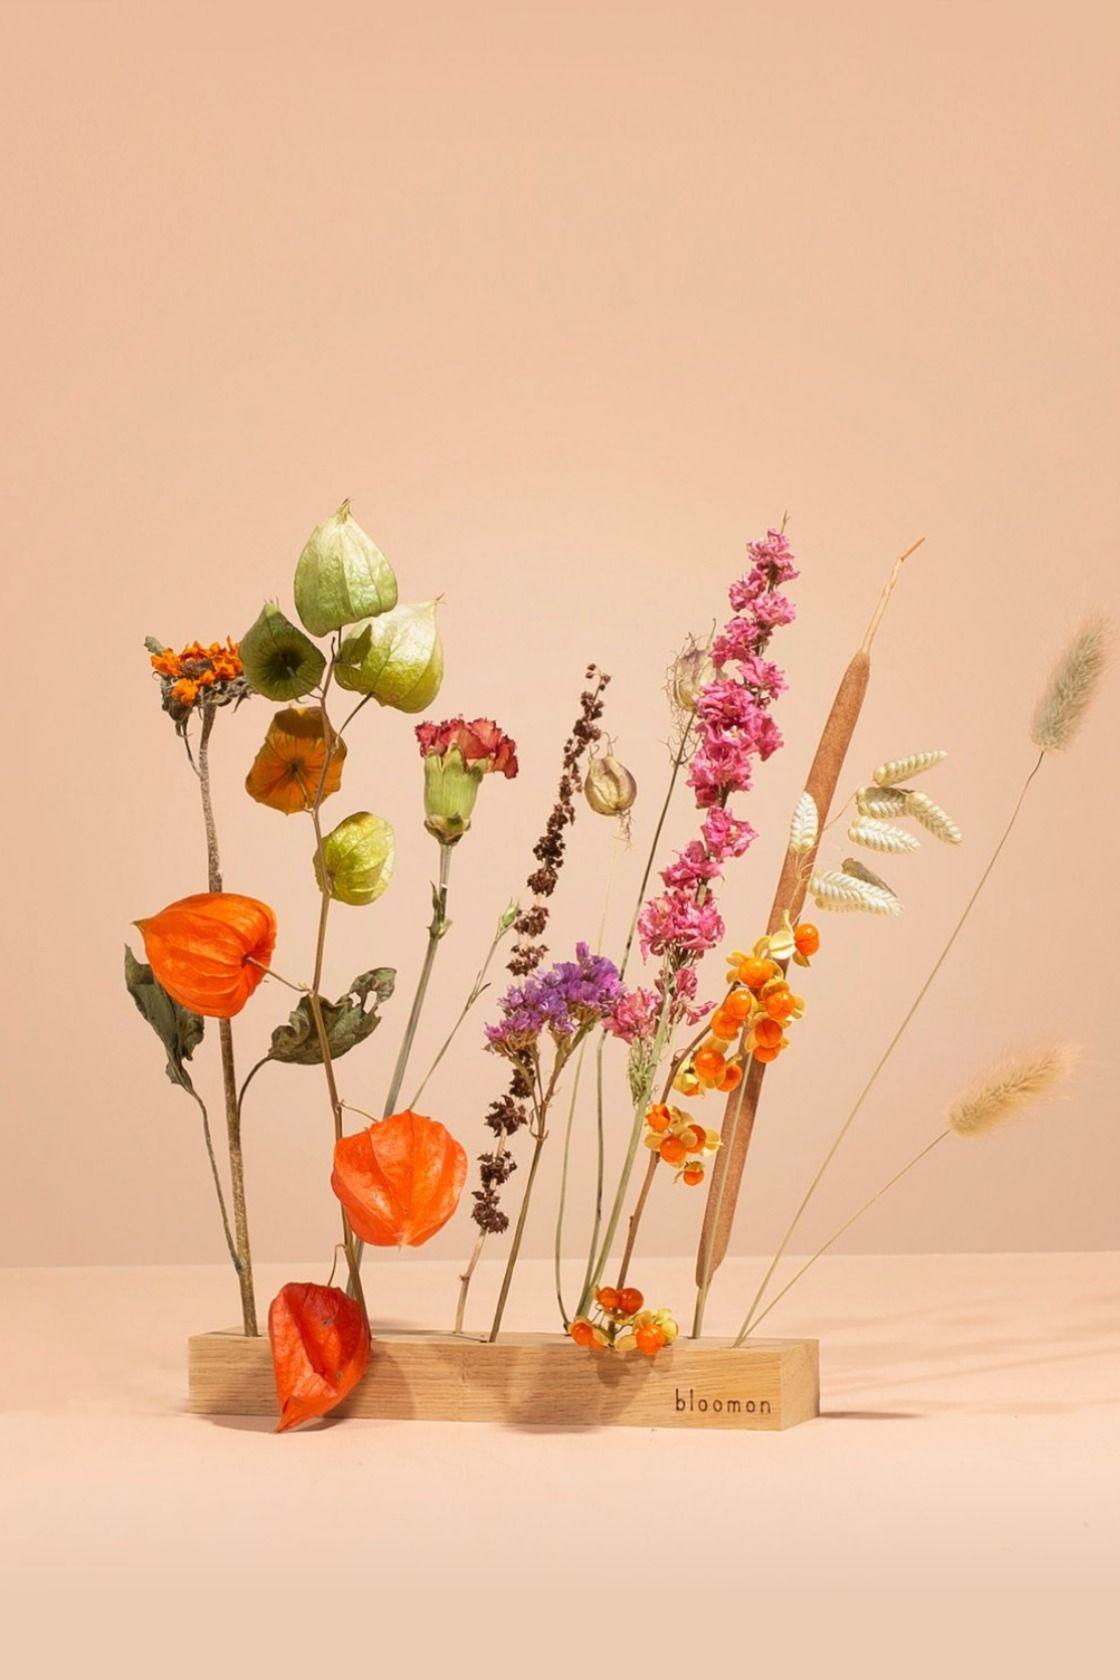 In unserem Blumen-Shop findest Du einmalige Geschenke aus frischen und getrockneten Blumen. Liebevoll verpackt und auf Wunsch mit persönlicher Karte.